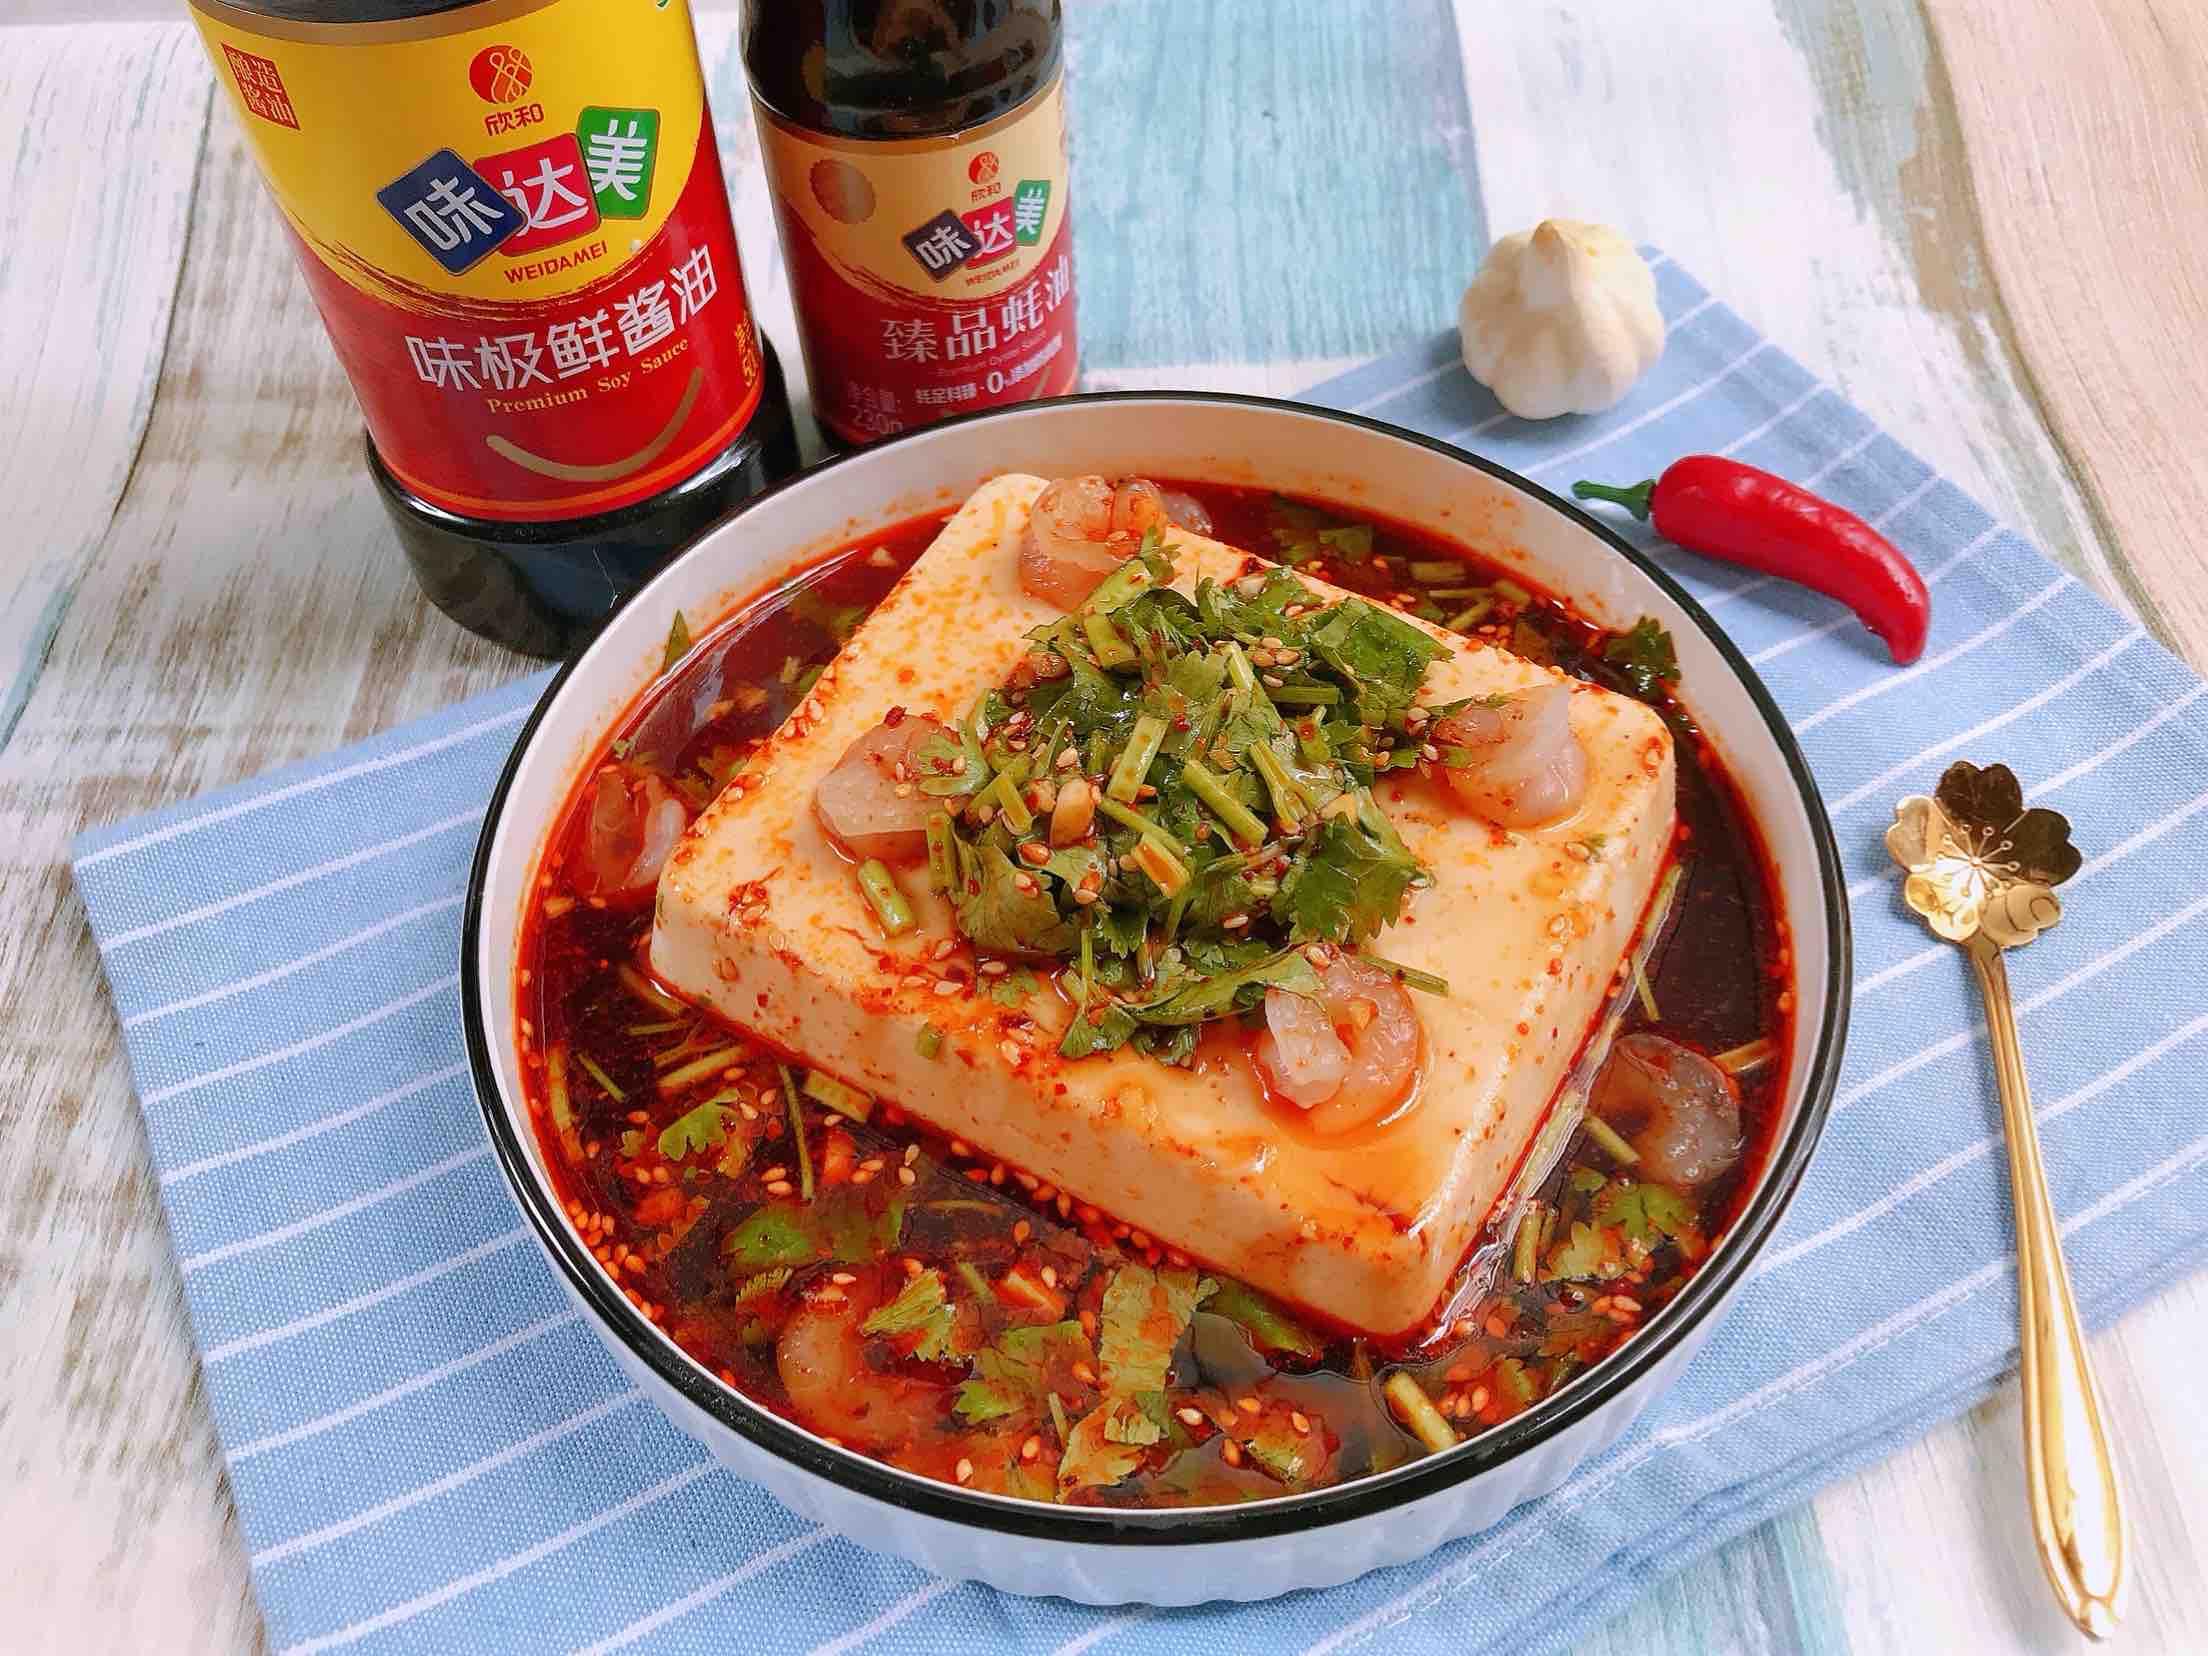 捞汁虾仁豆腐成品图